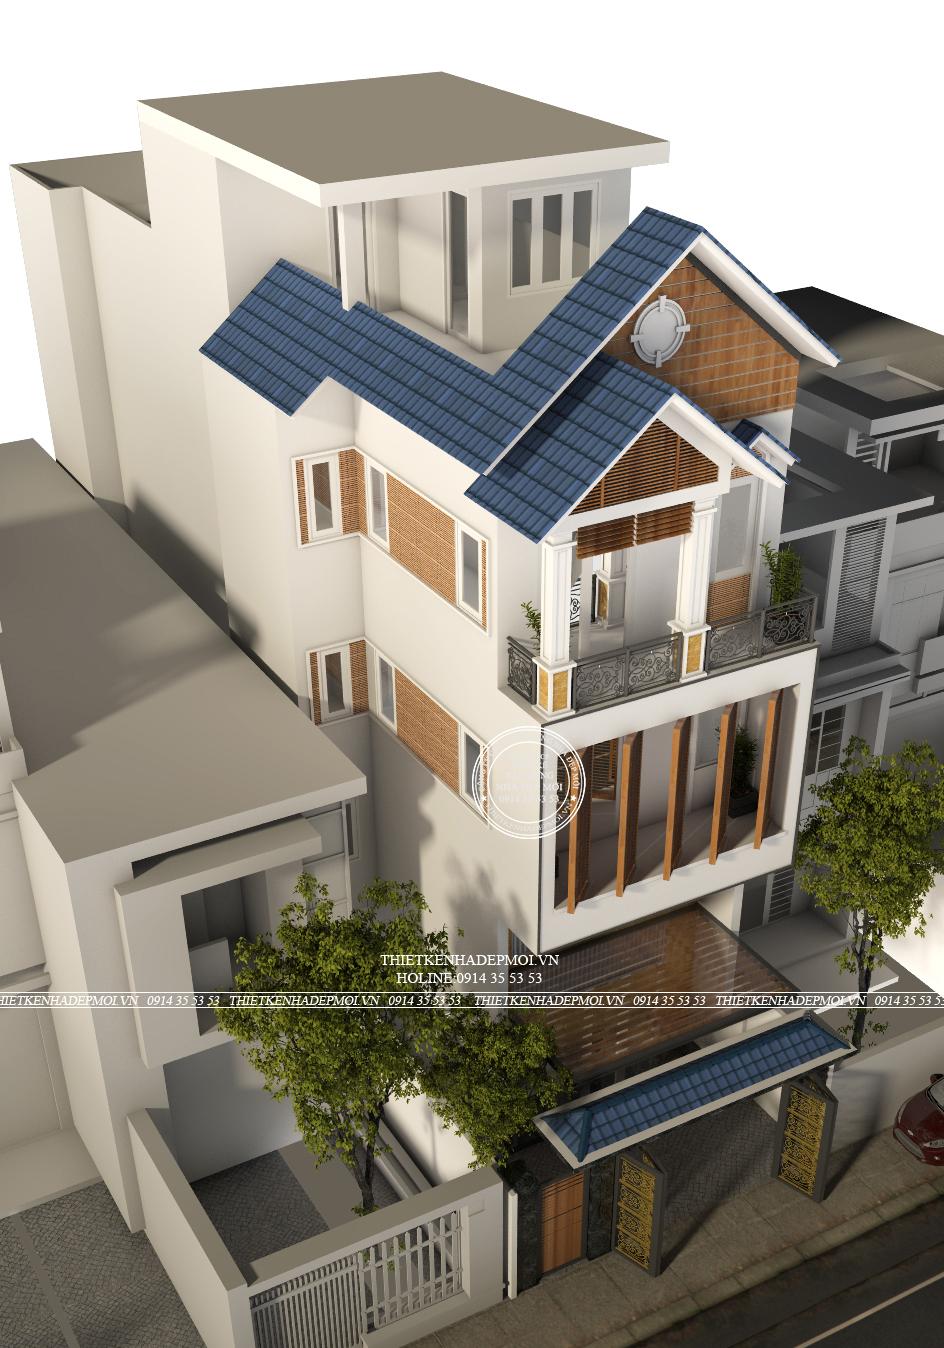 Thiết kế nhà 1 trêt 1 lung 2 lầu mái thái